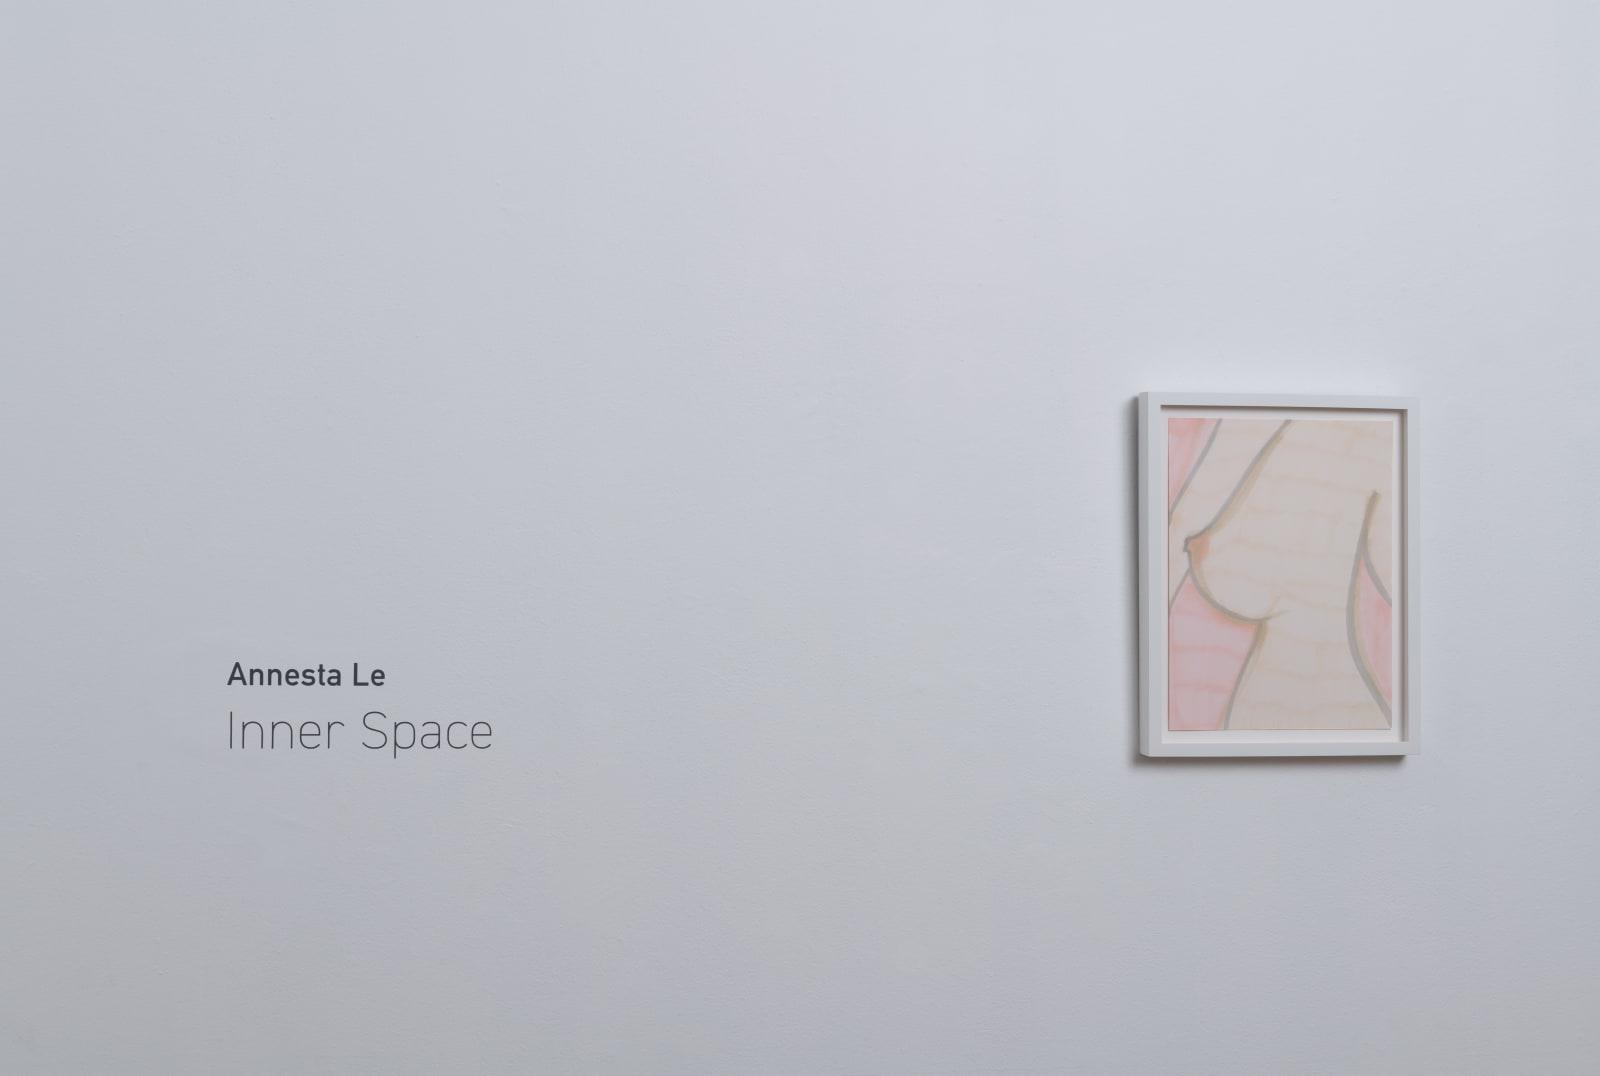 Annesta Le - Inner Space